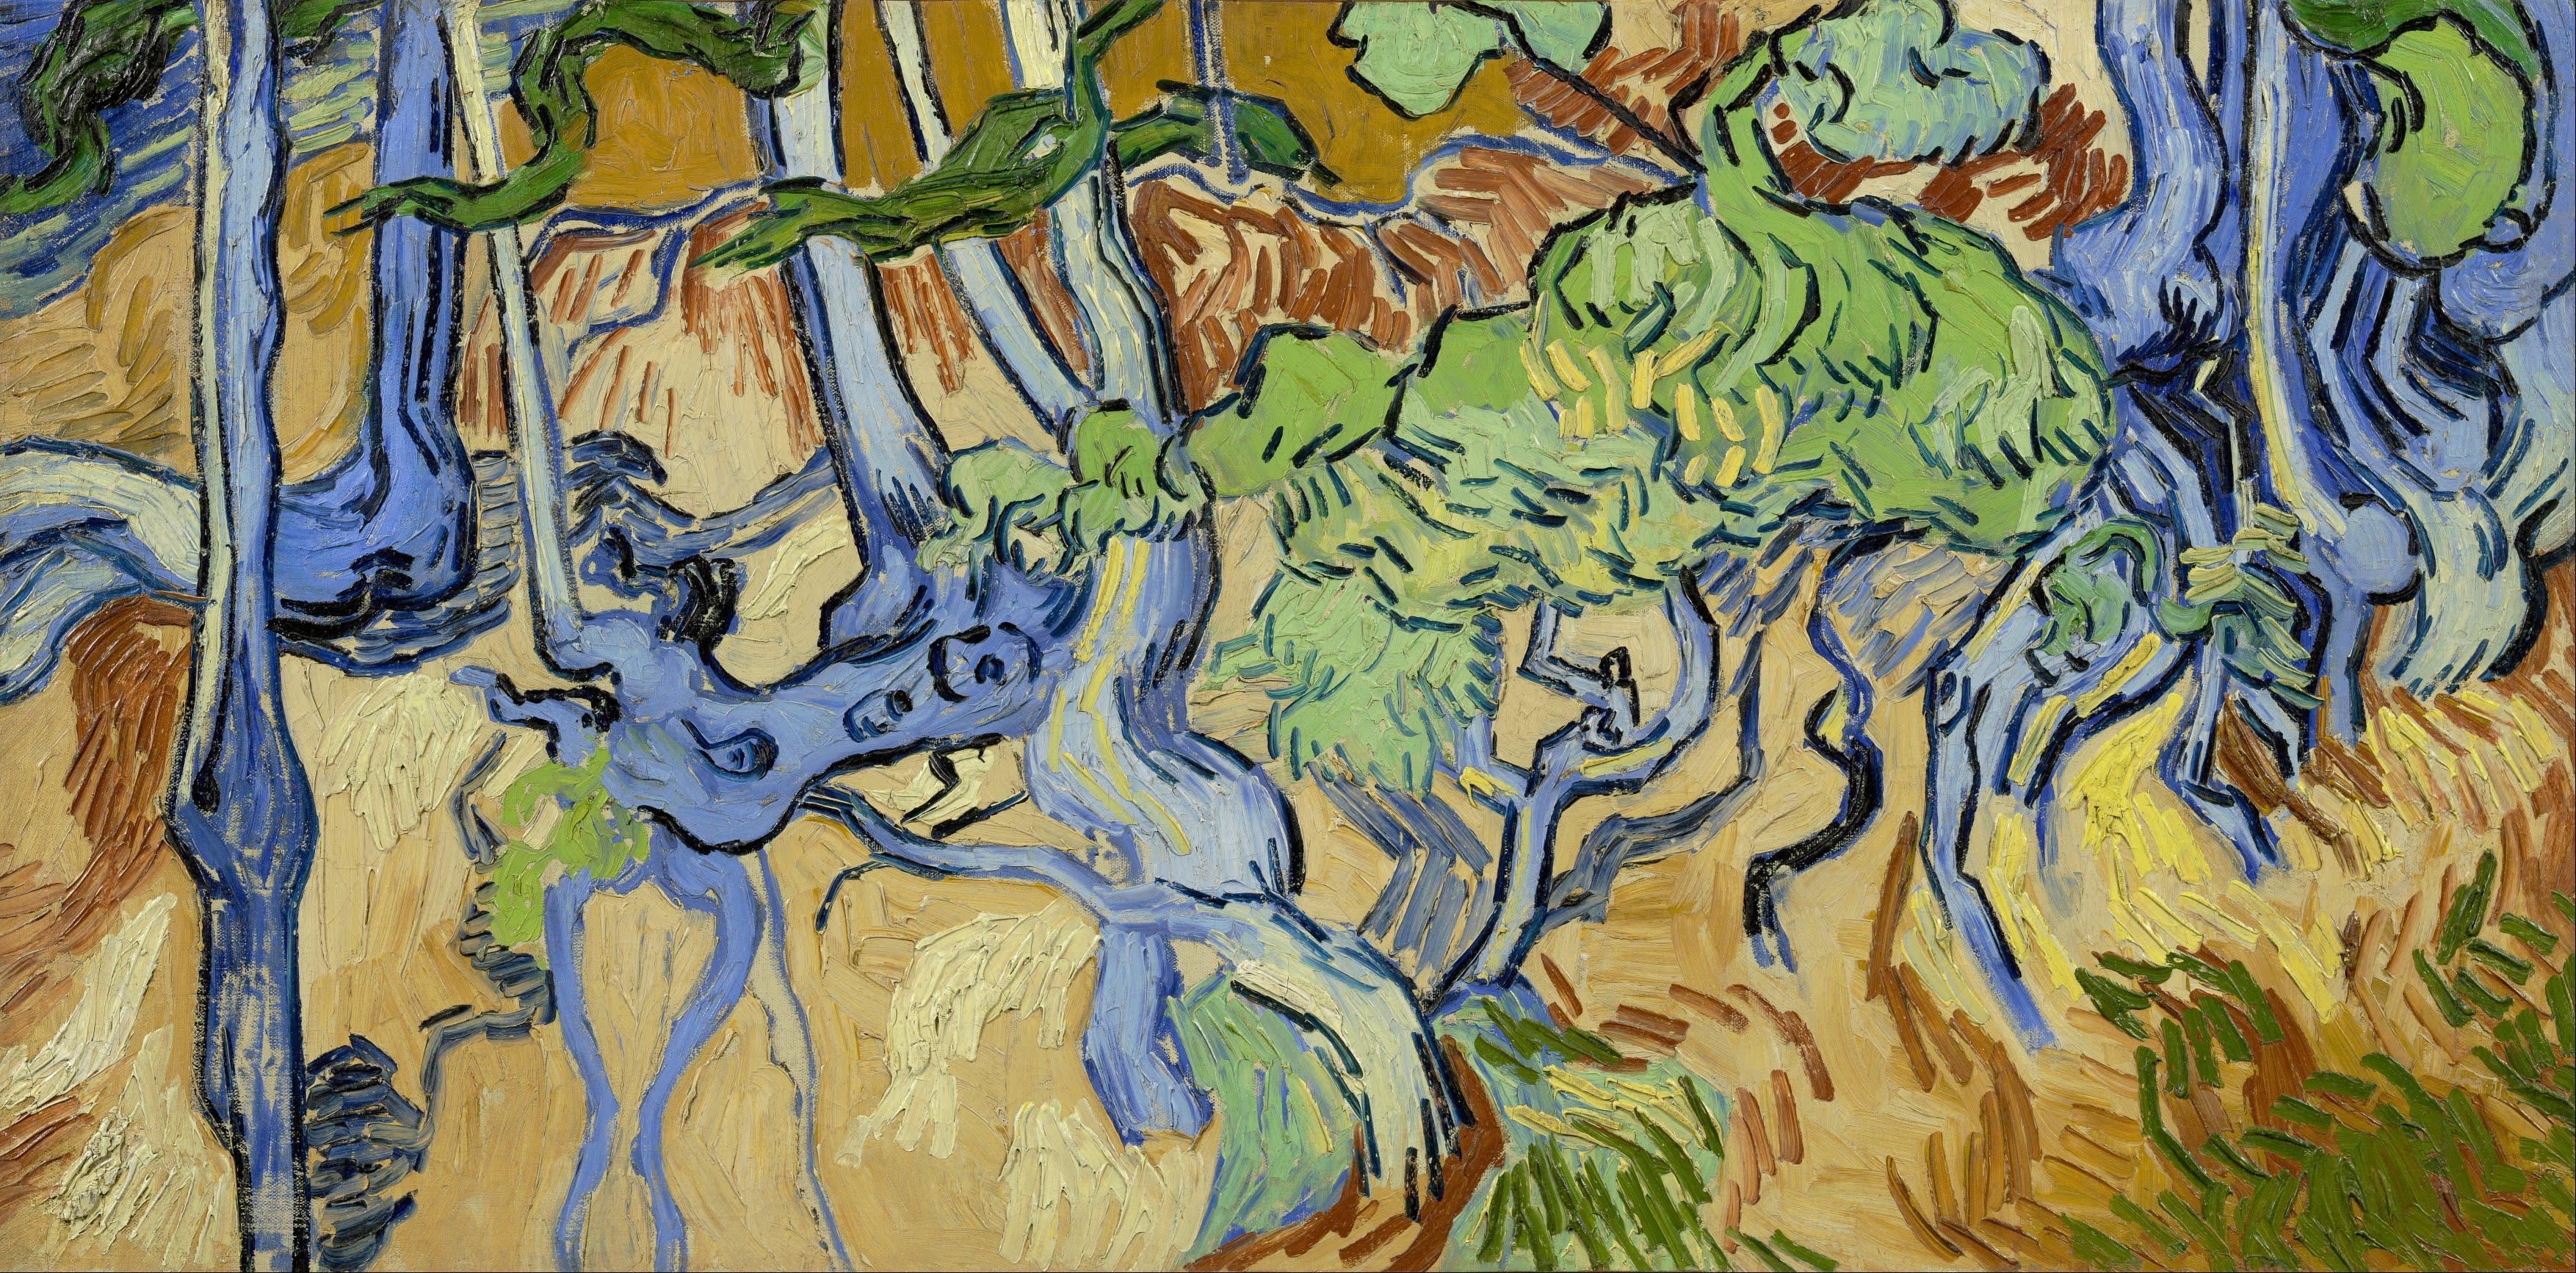 Vincent_van_Gogh_-_Tree-roots_-_Google_Art_Project